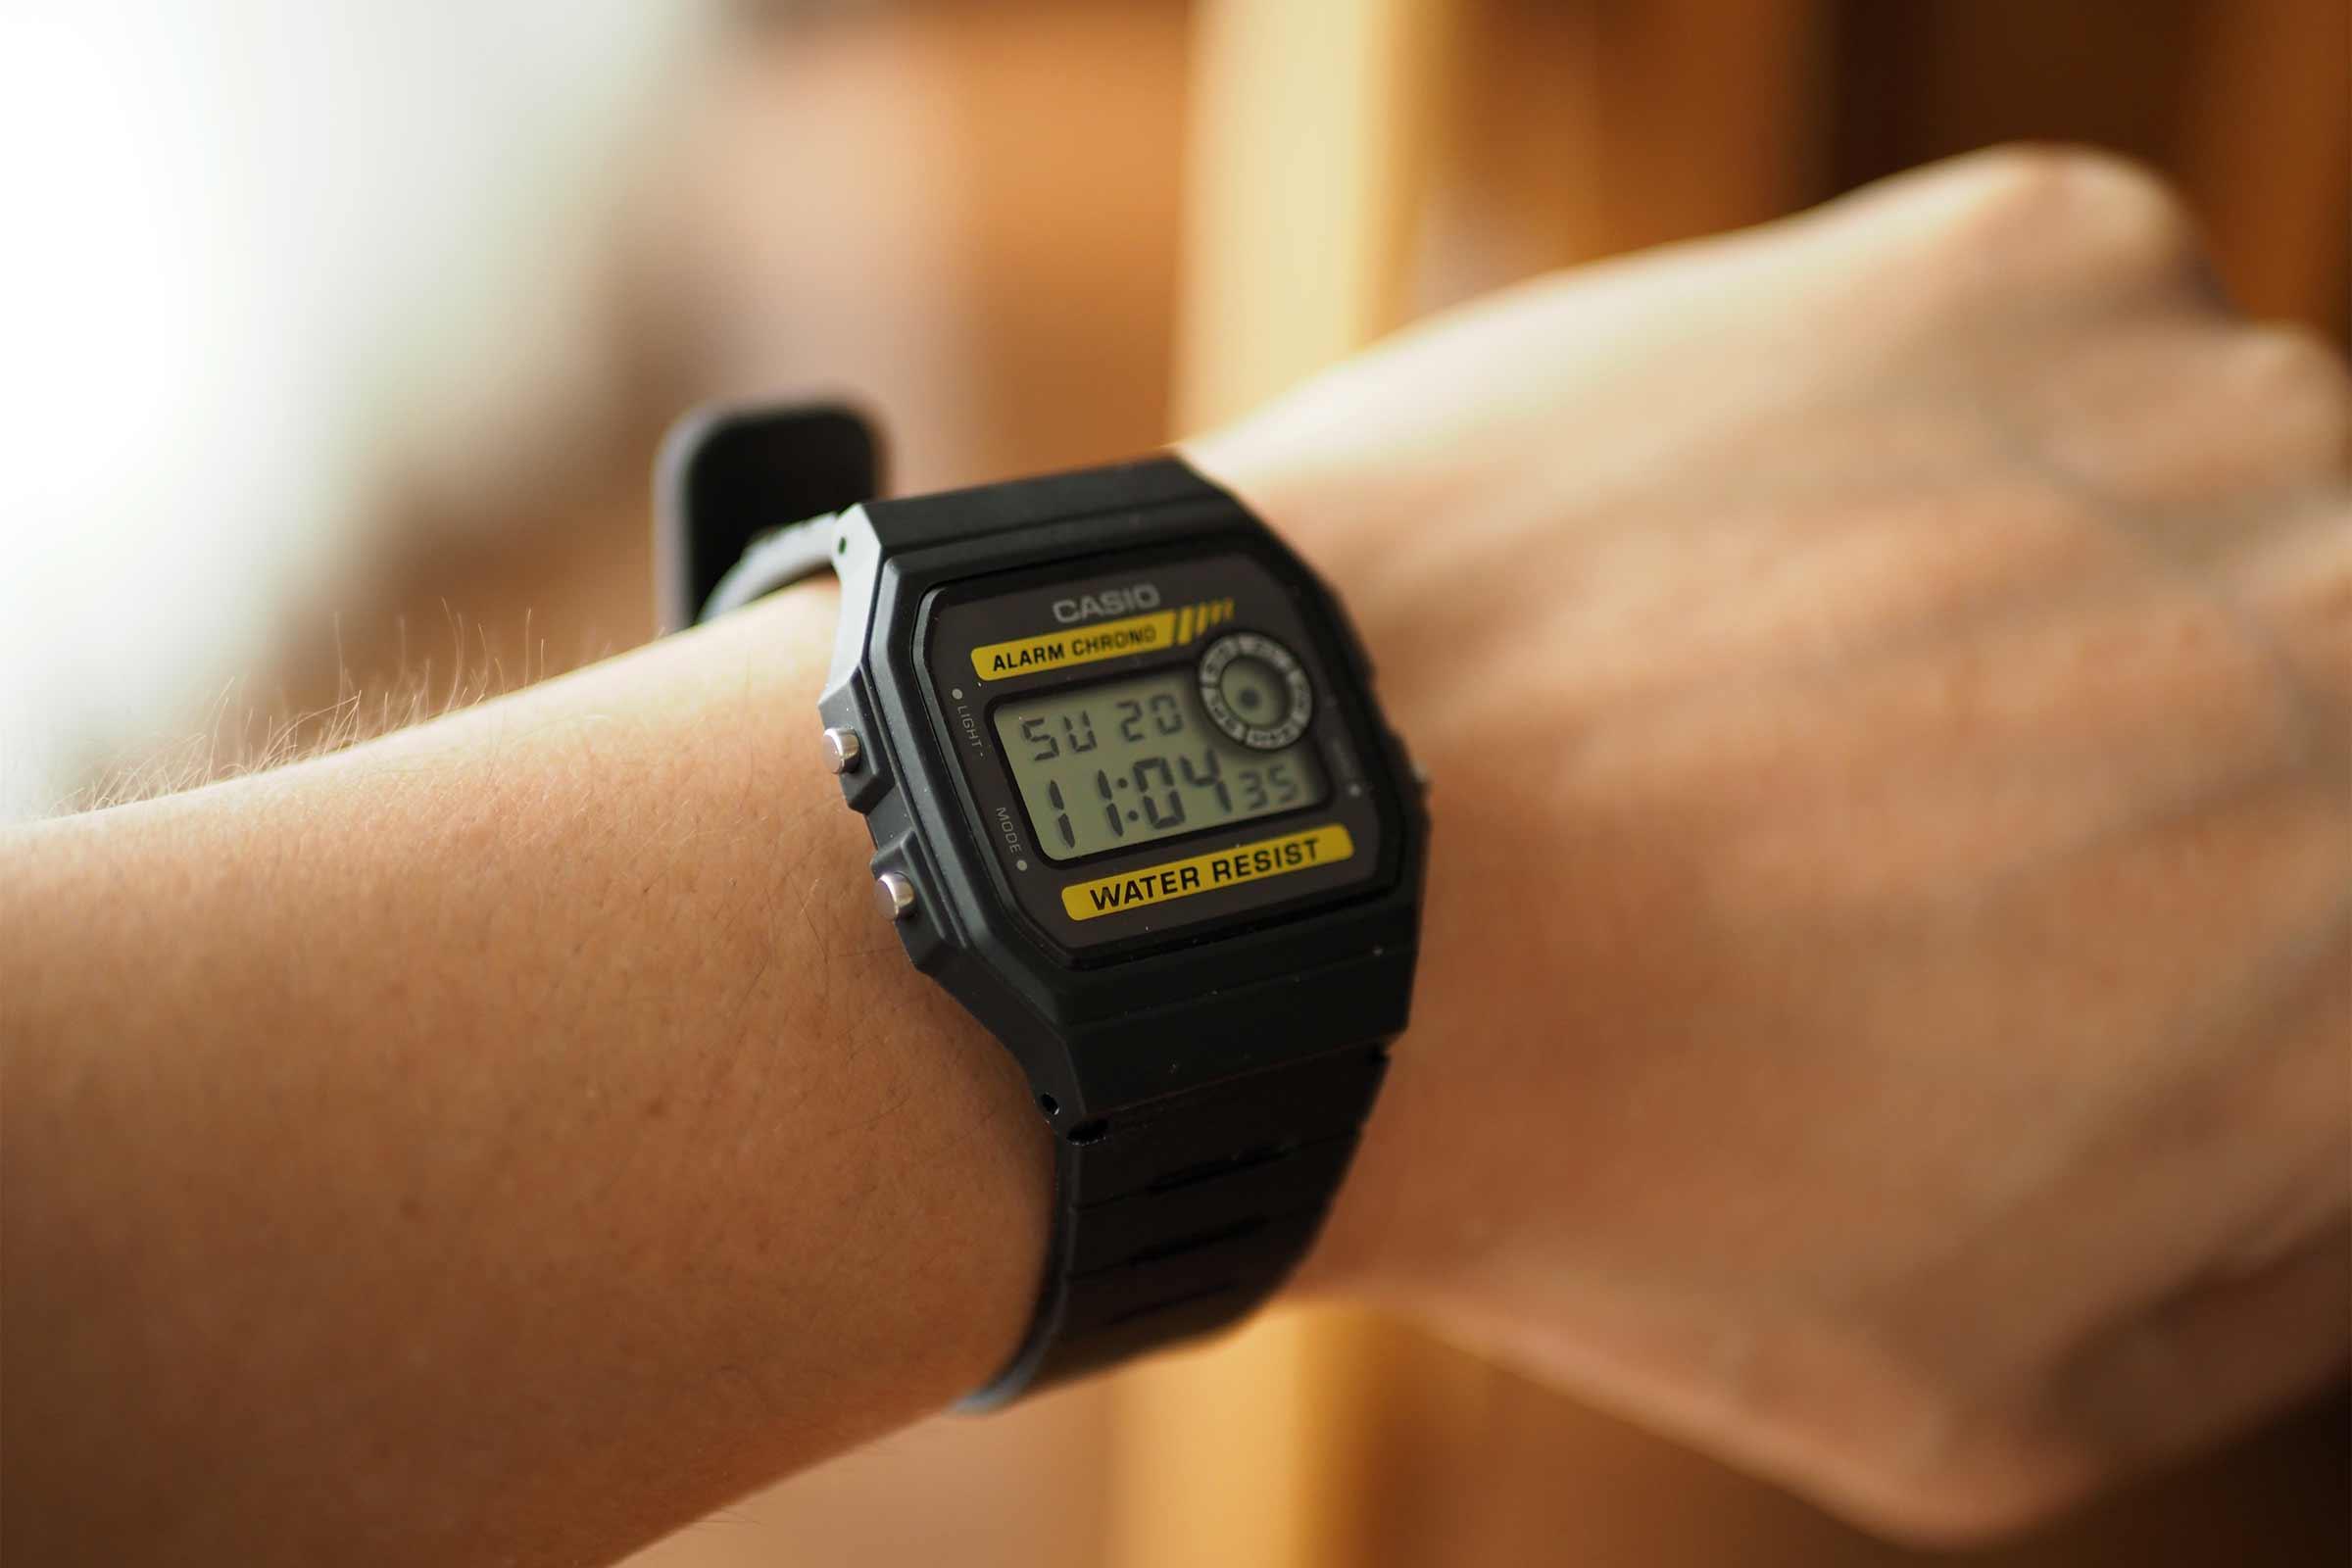 腕時計,カシオ,casio,お洒落,安い,かっこいい,普段使い